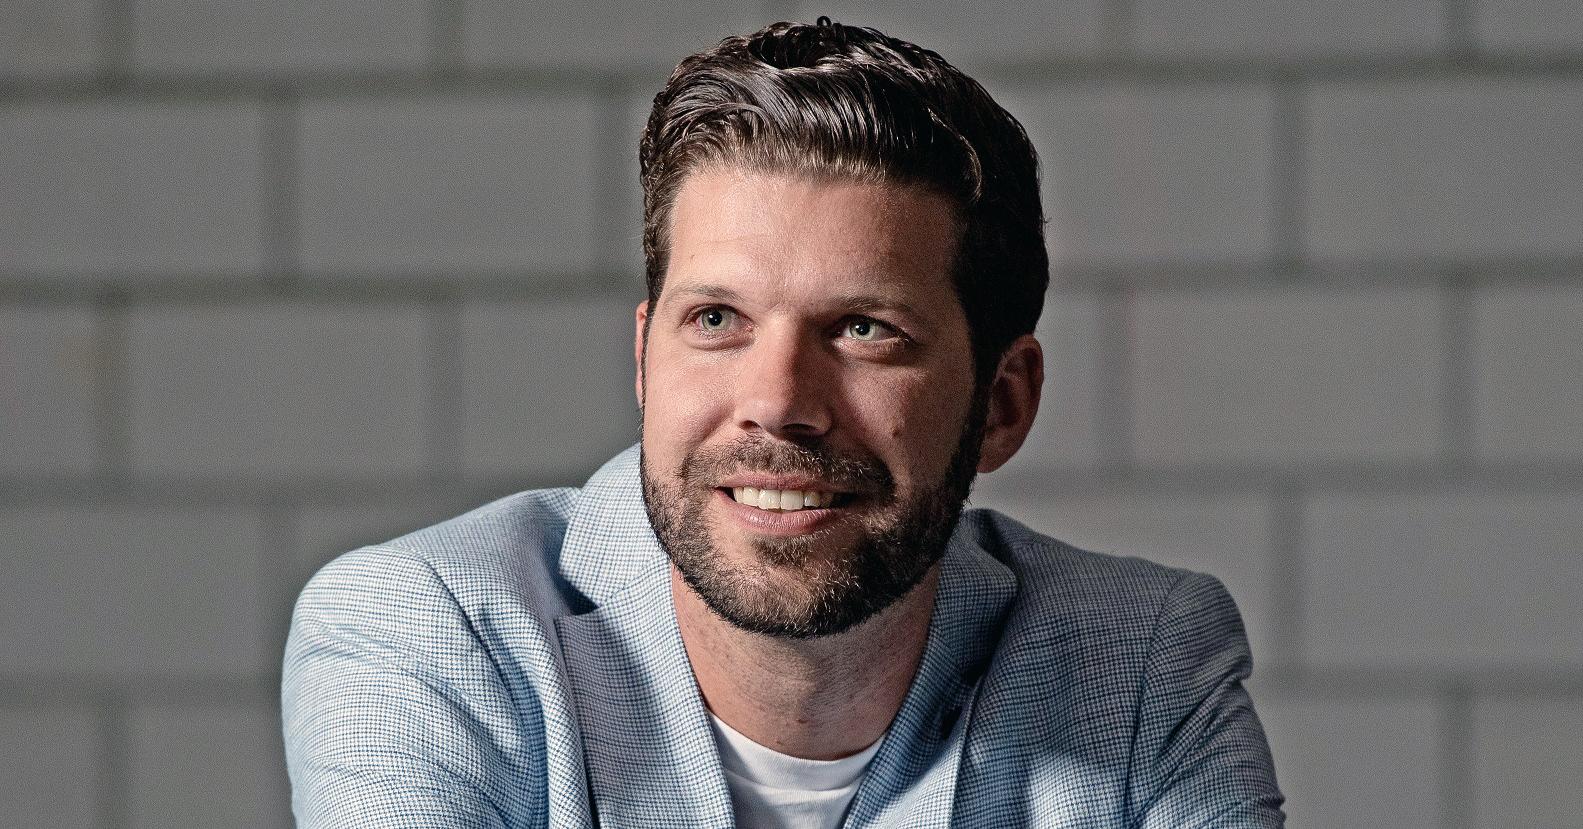 Patric Schönberg, Absolvent des CAS Digitale Transformation, sitzt vor einer Steinmauer